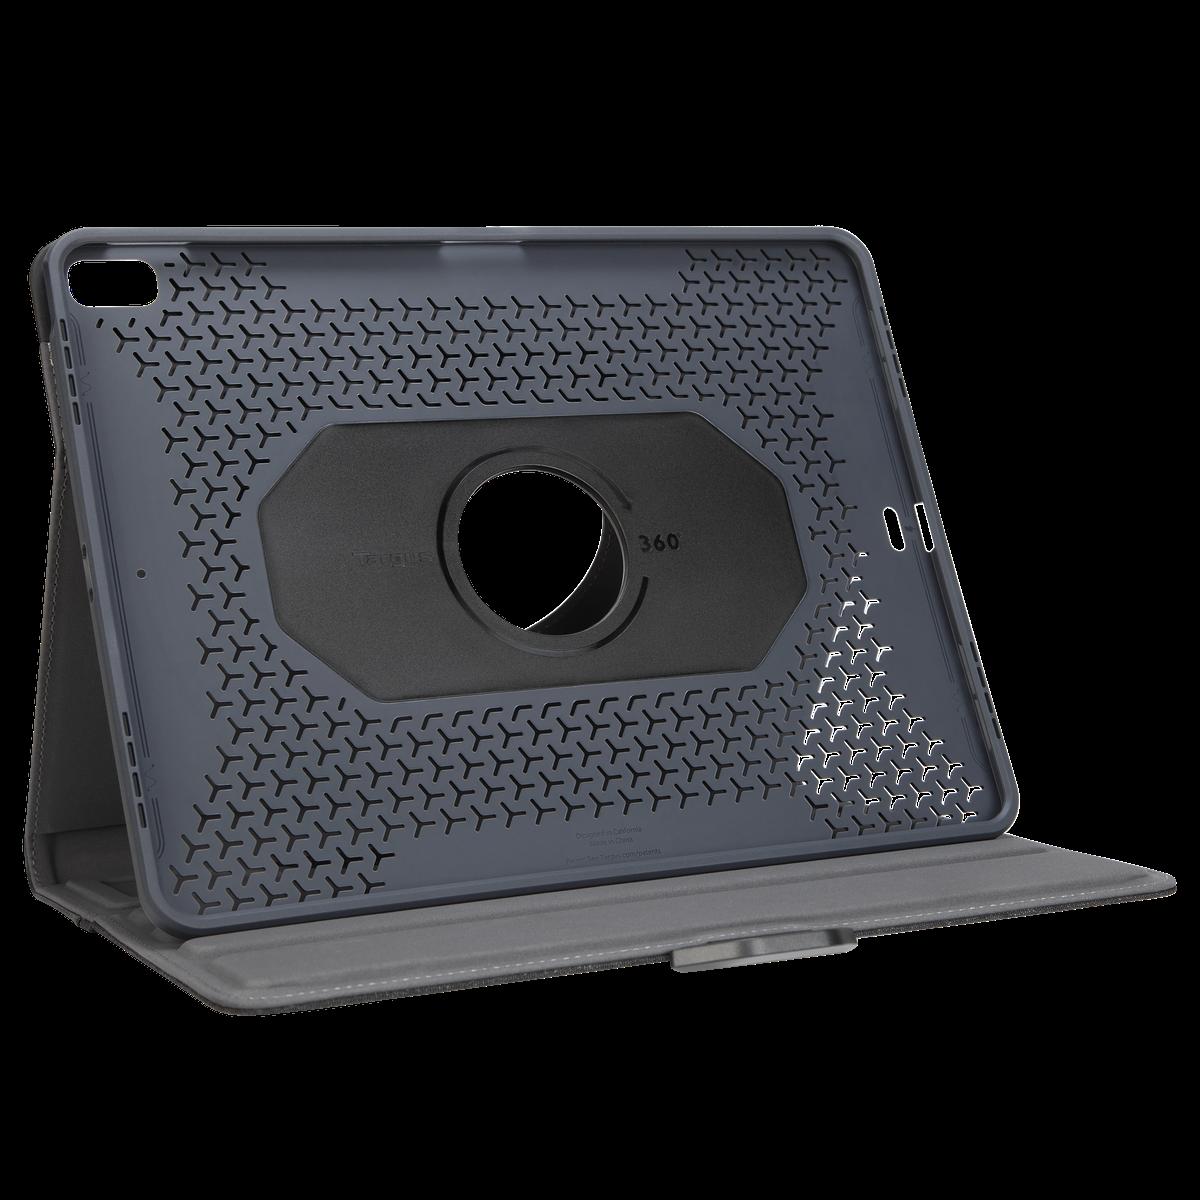 Picture of Targus VersaVu Signature case for Apple 12.9-in. iPad® Pro (2018) Black